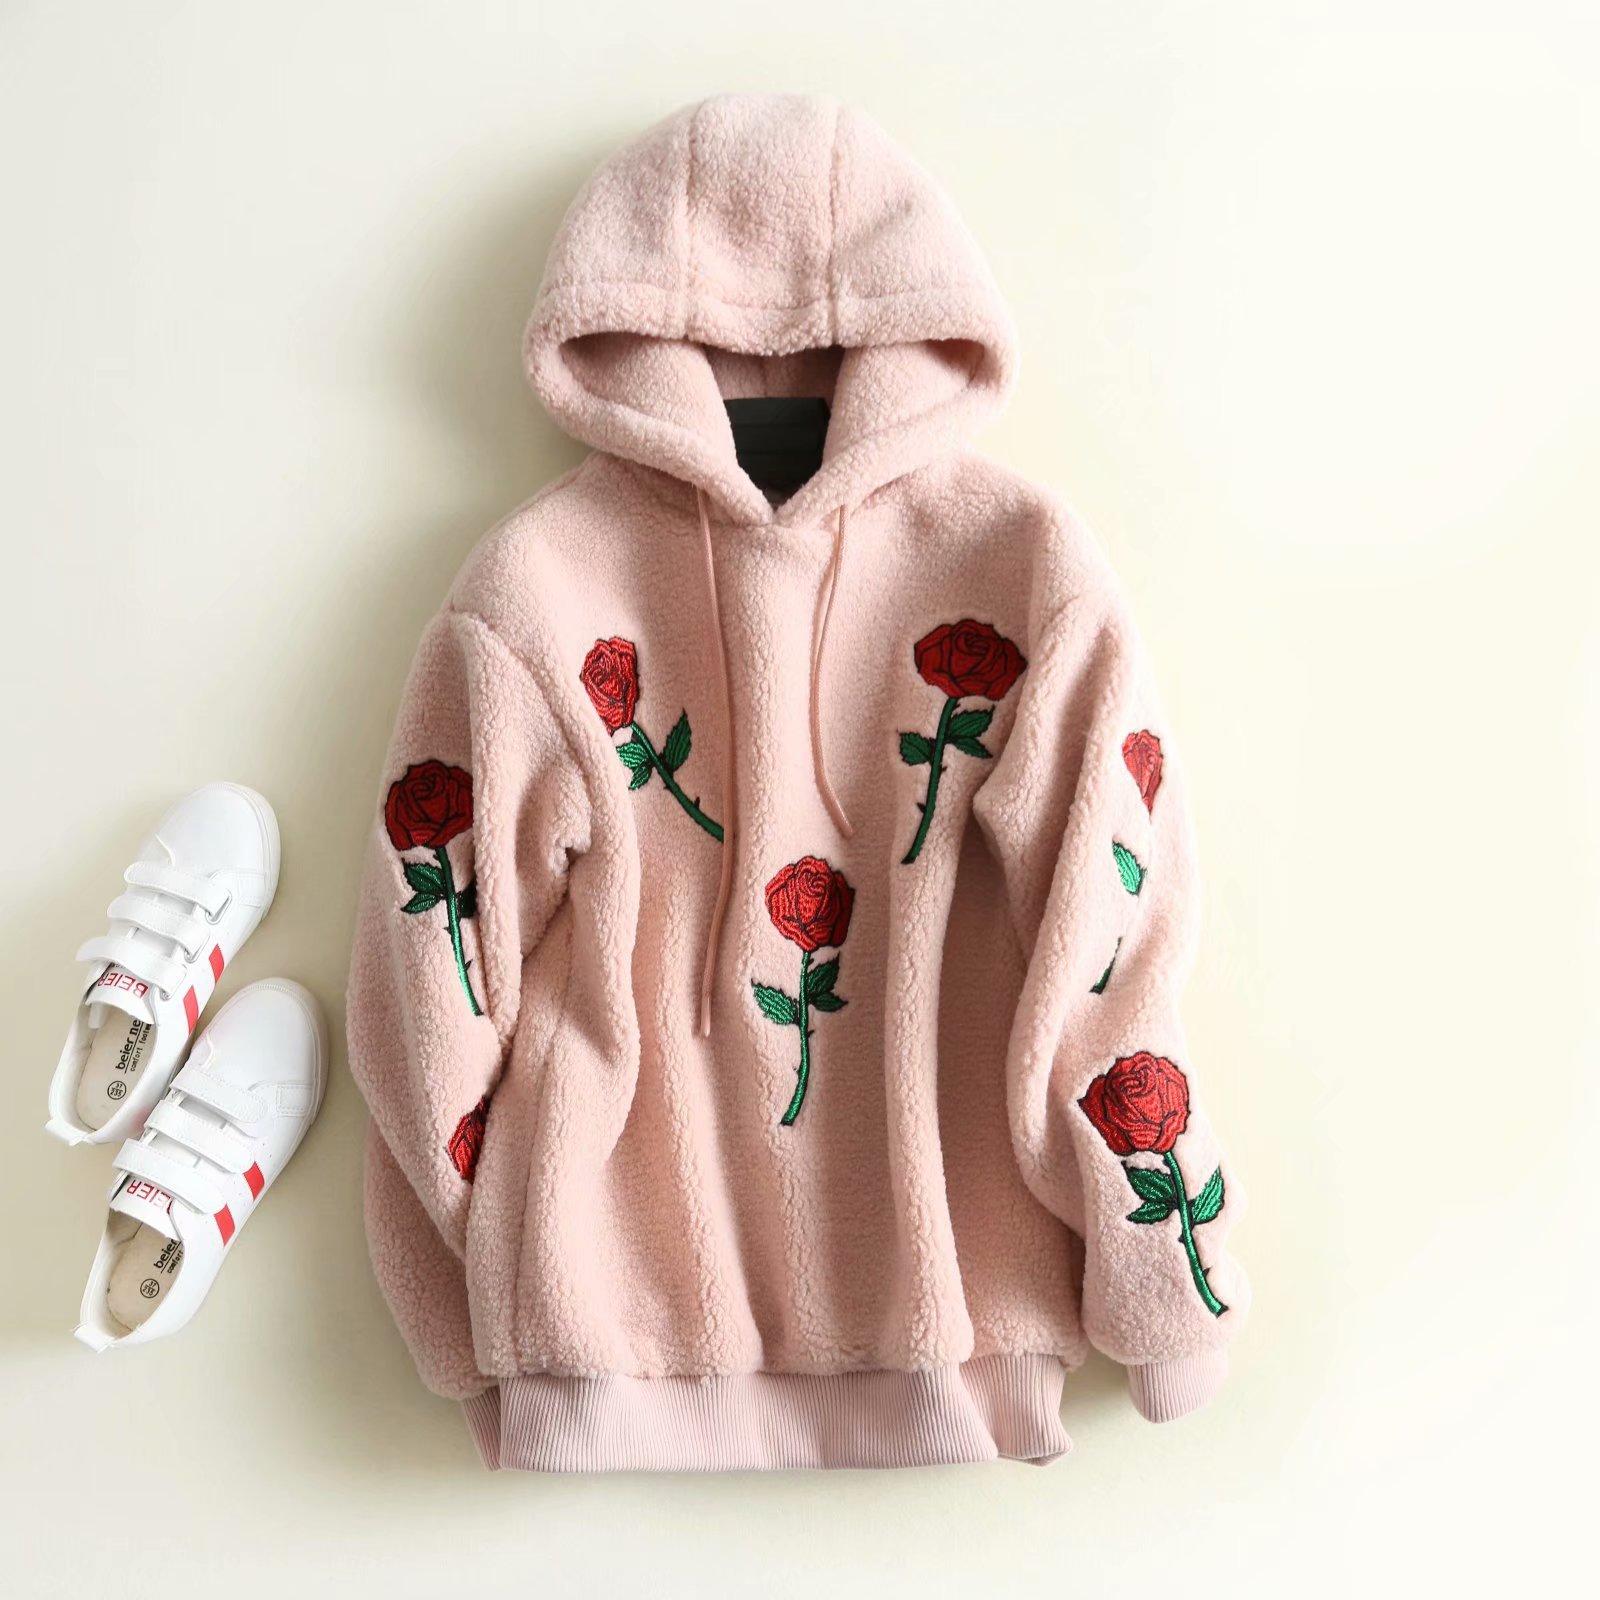 Flanelle Manches Pulls Hoodies Taille Longues Femmes Plus La p Yd1187 Vêtements Sweat À Broderie Roses YA0q8TqI